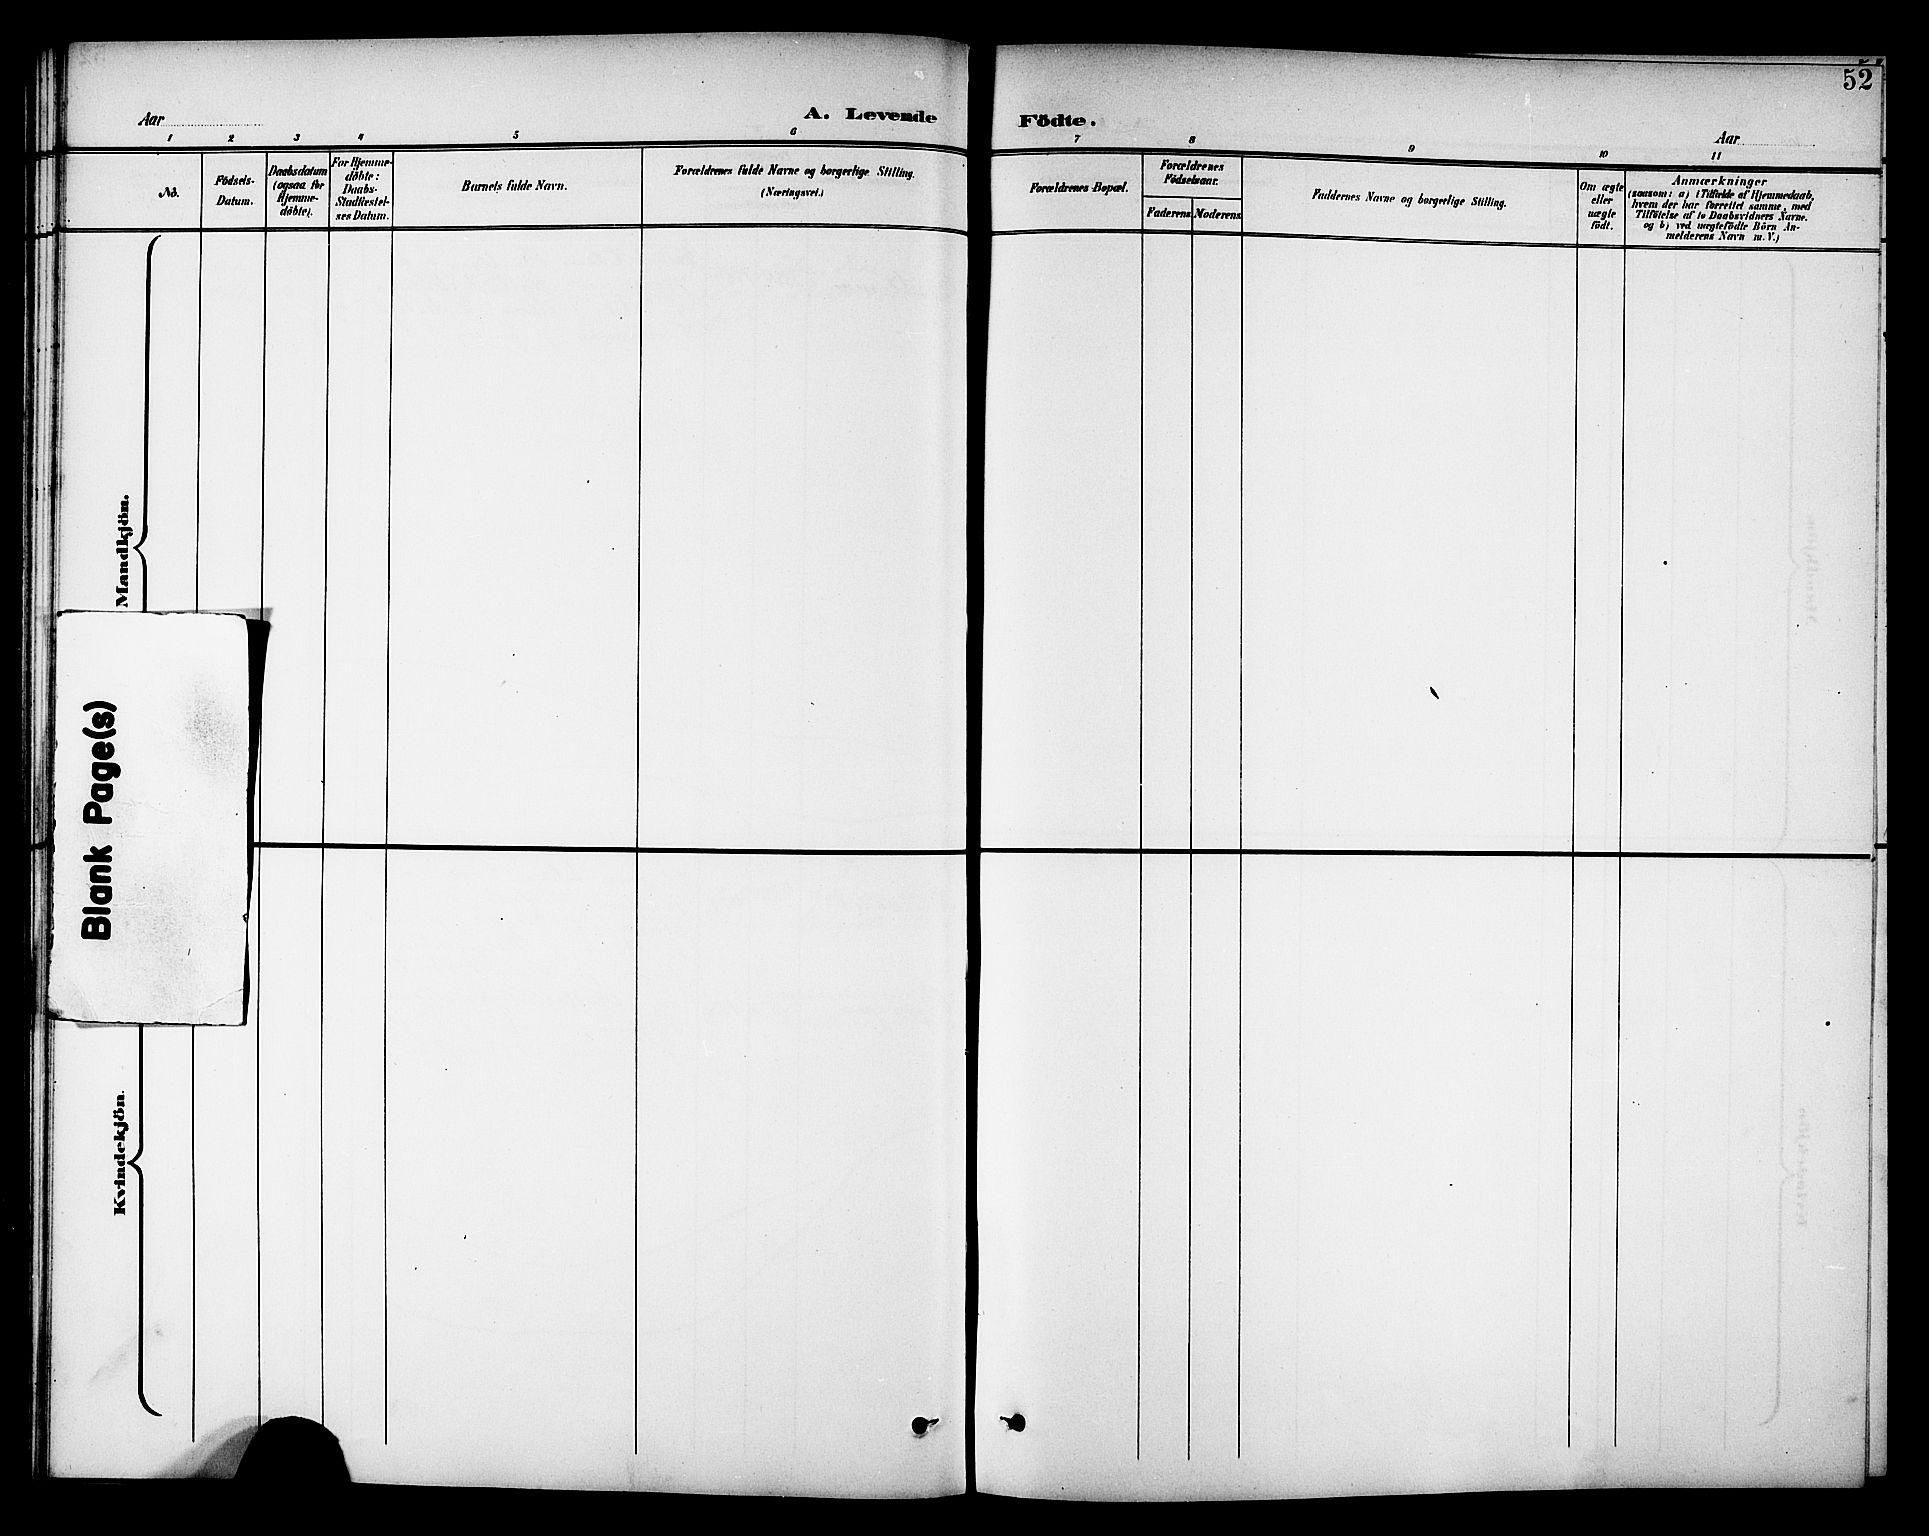 SAT, Ministerialprotokoller, klokkerbøker og fødselsregistre - Nord-Trøndelag, 742/L0412: Klokkerbok nr. 742C03, 1898-1910, s. 52